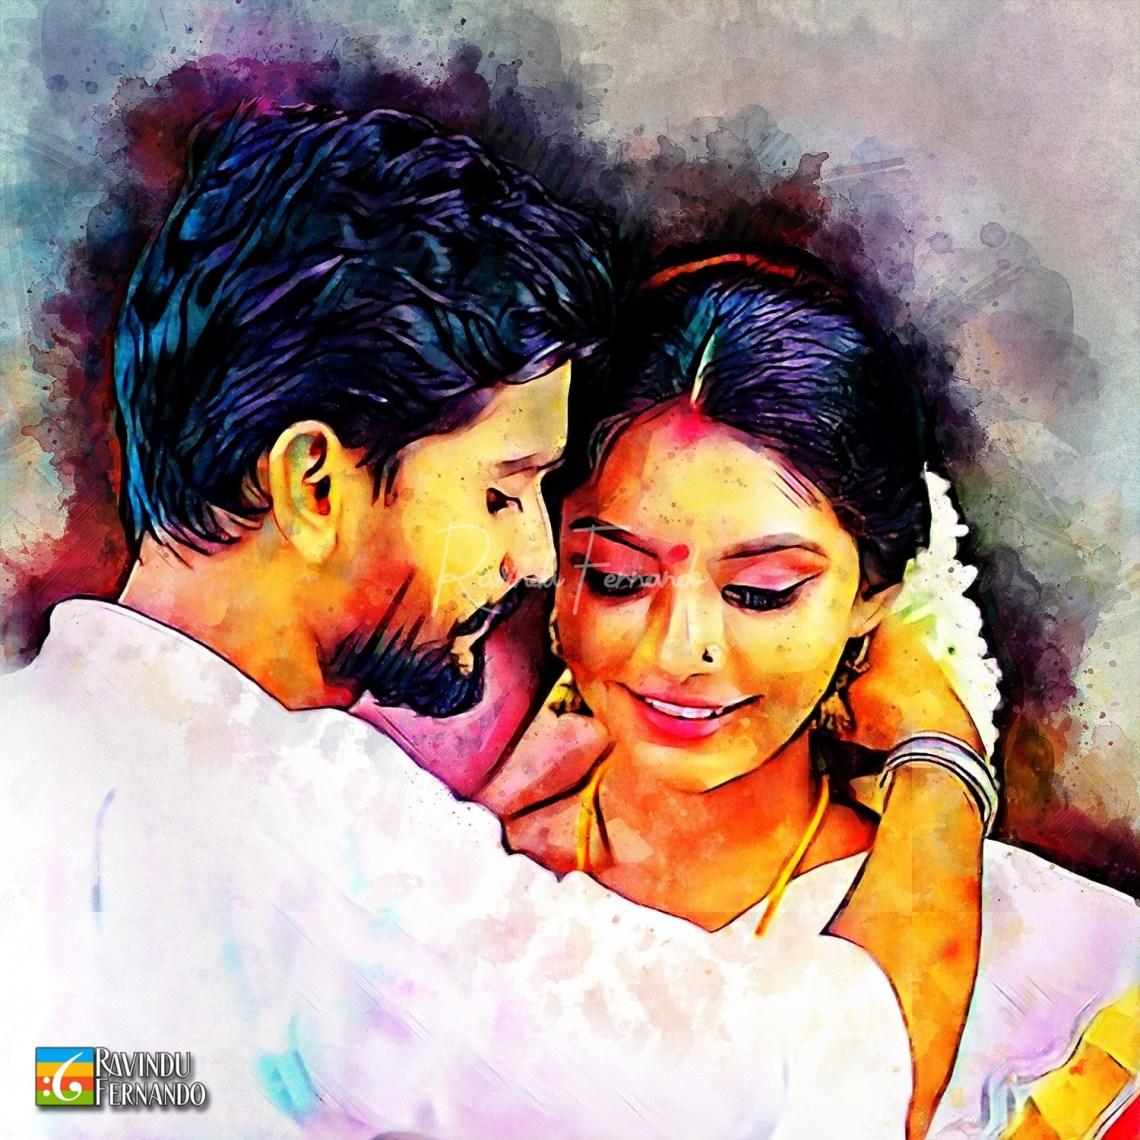 Randika Gunathilake and Yashodha Rasanduni - Digital Watercolor Painting